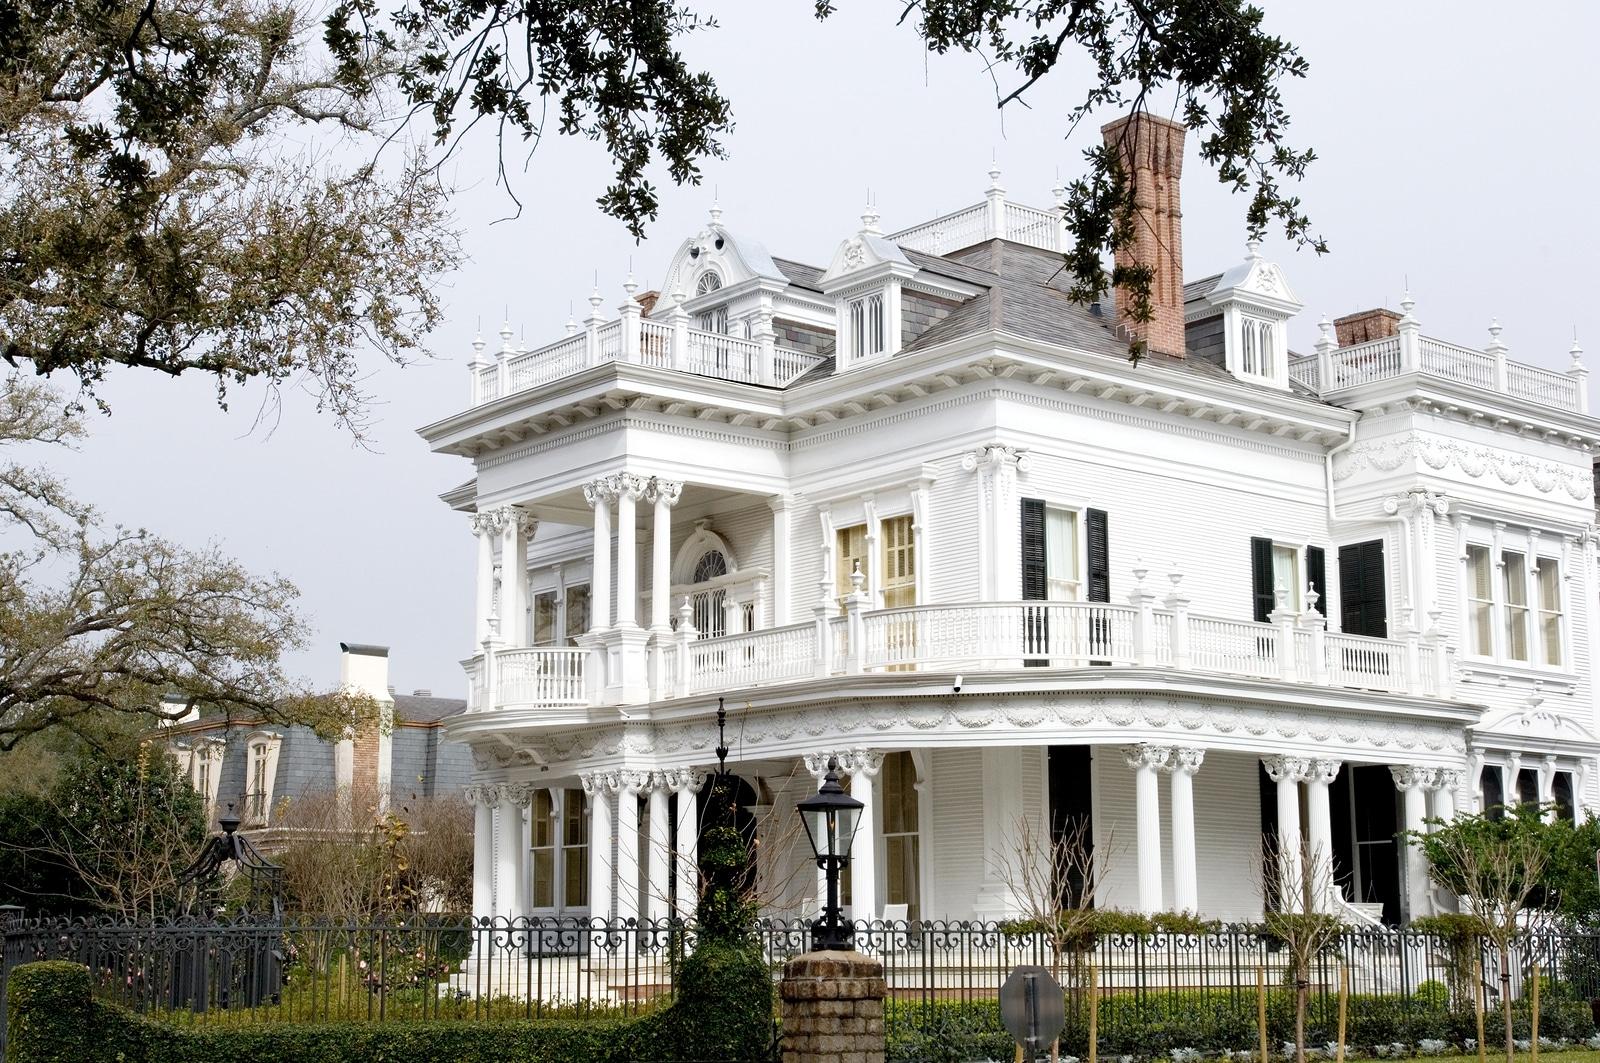 Shredding for Residential home in New Orleans